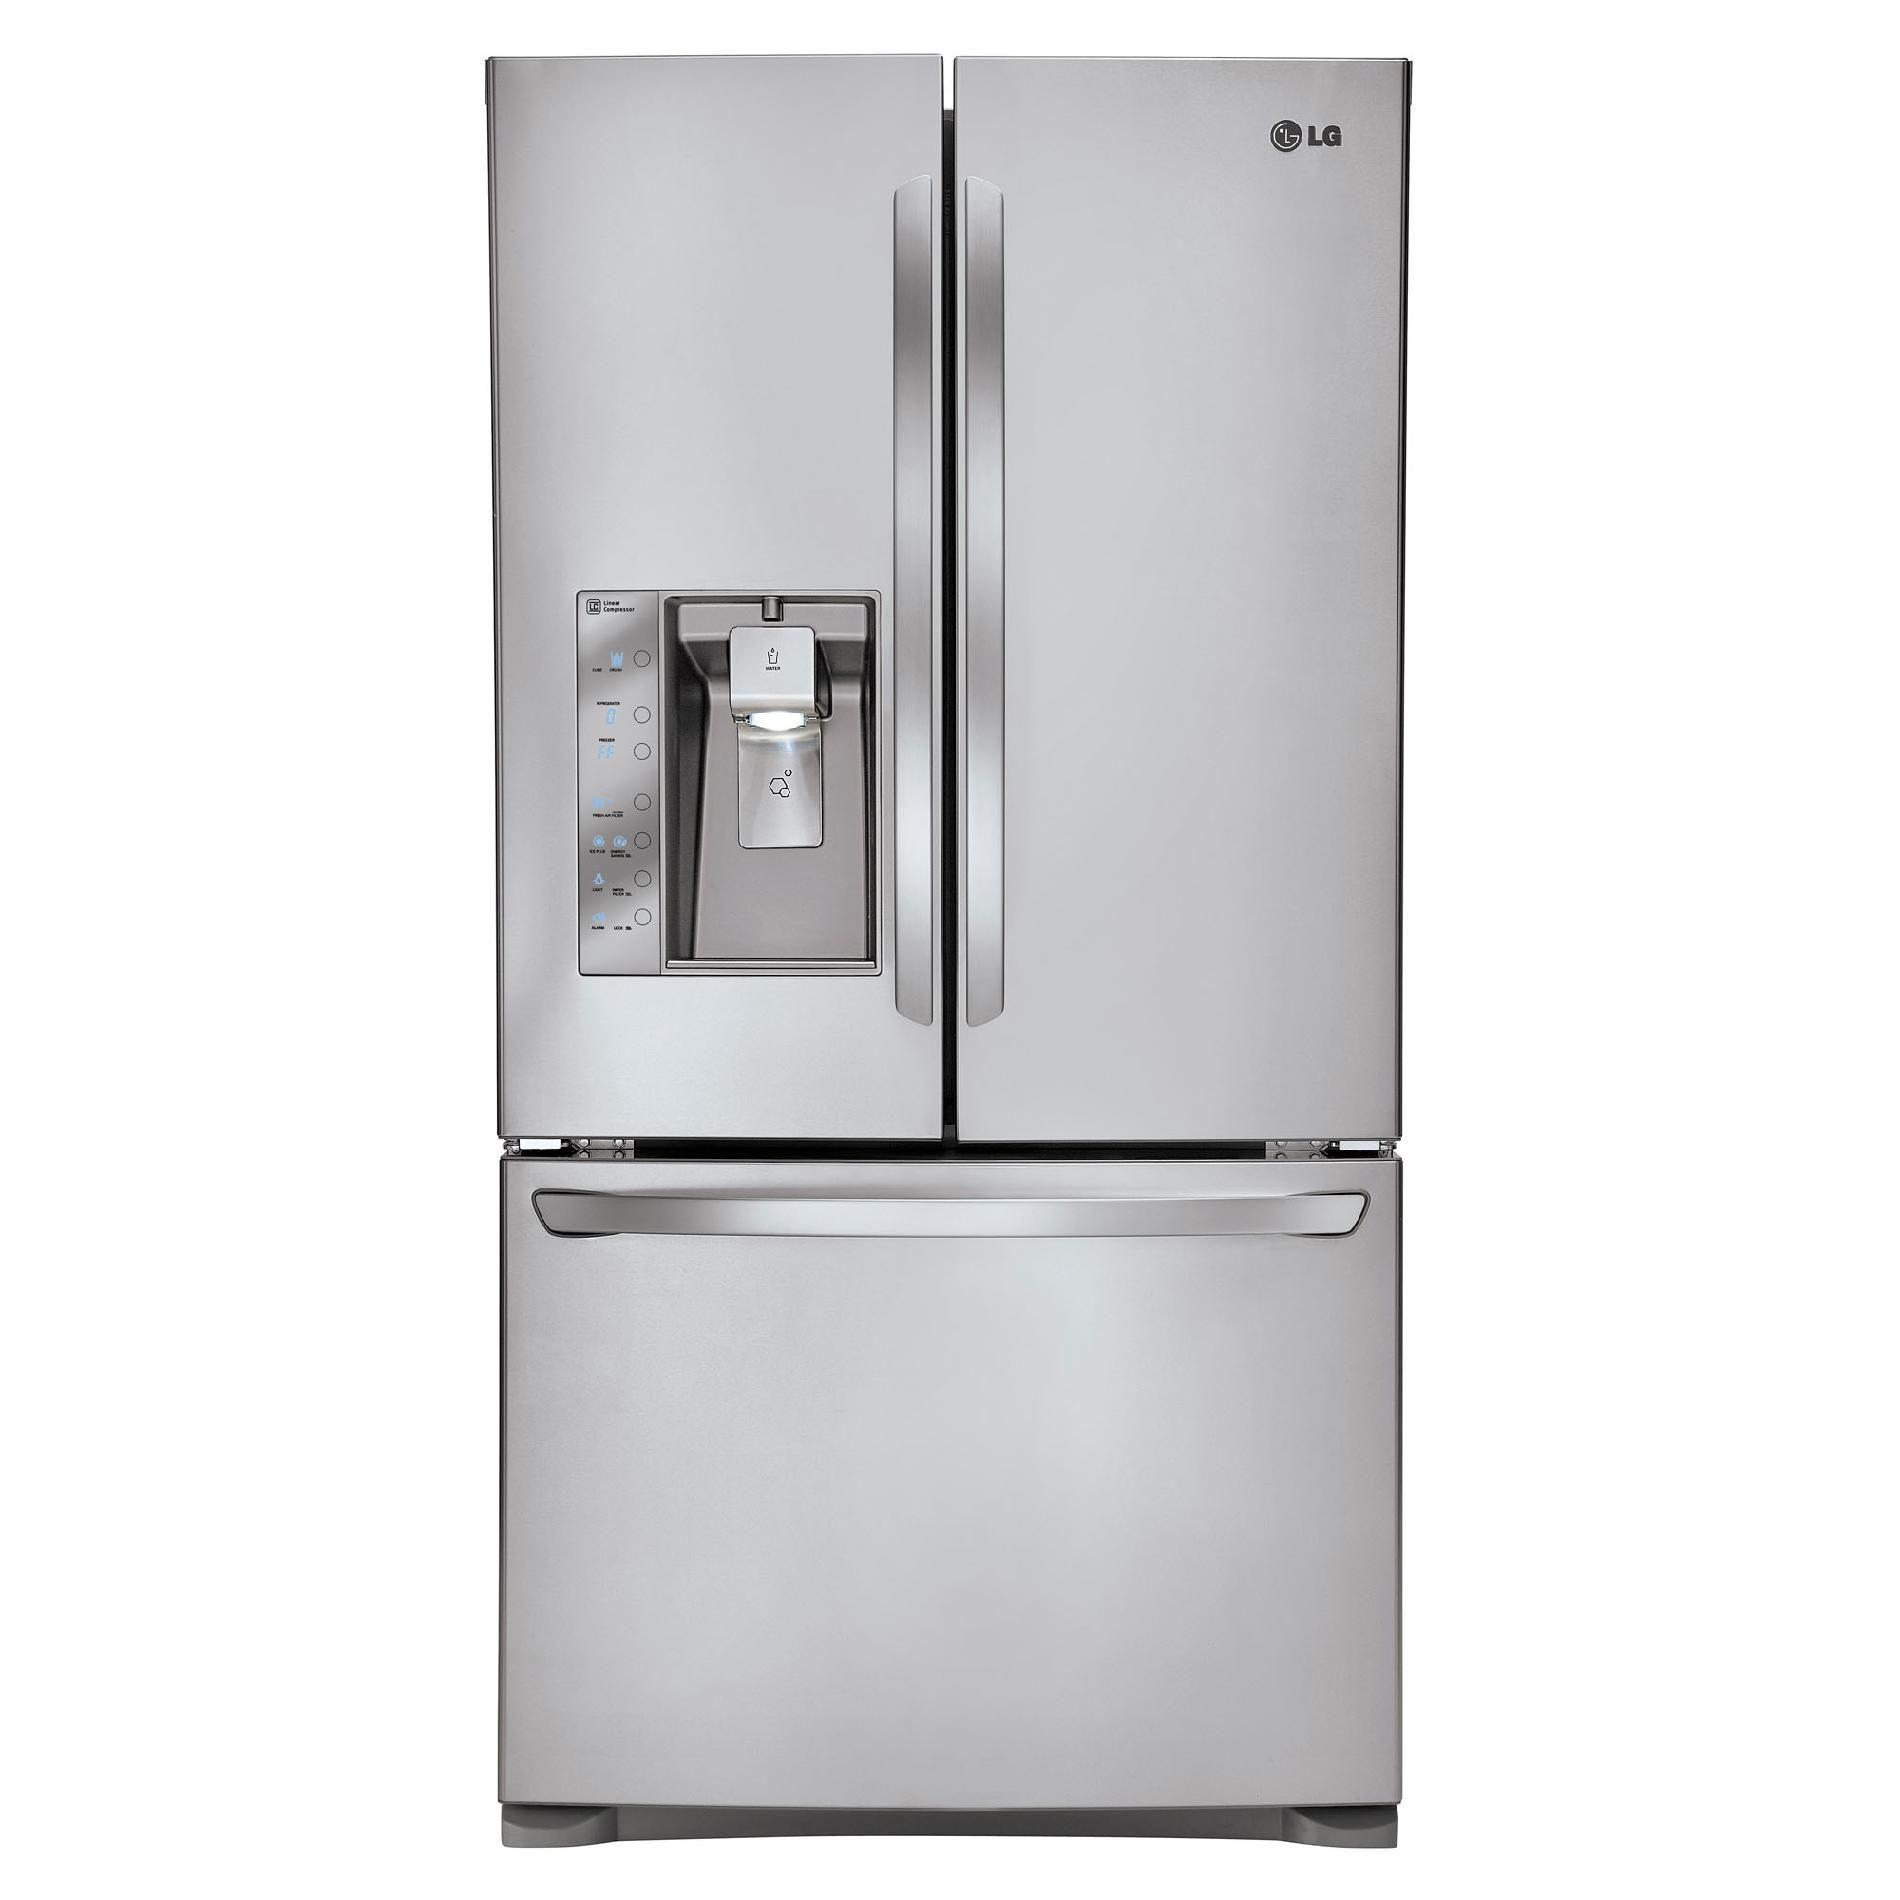 Lg 24 6 Cu Ft Counter Depth French Door Bottom Freezer